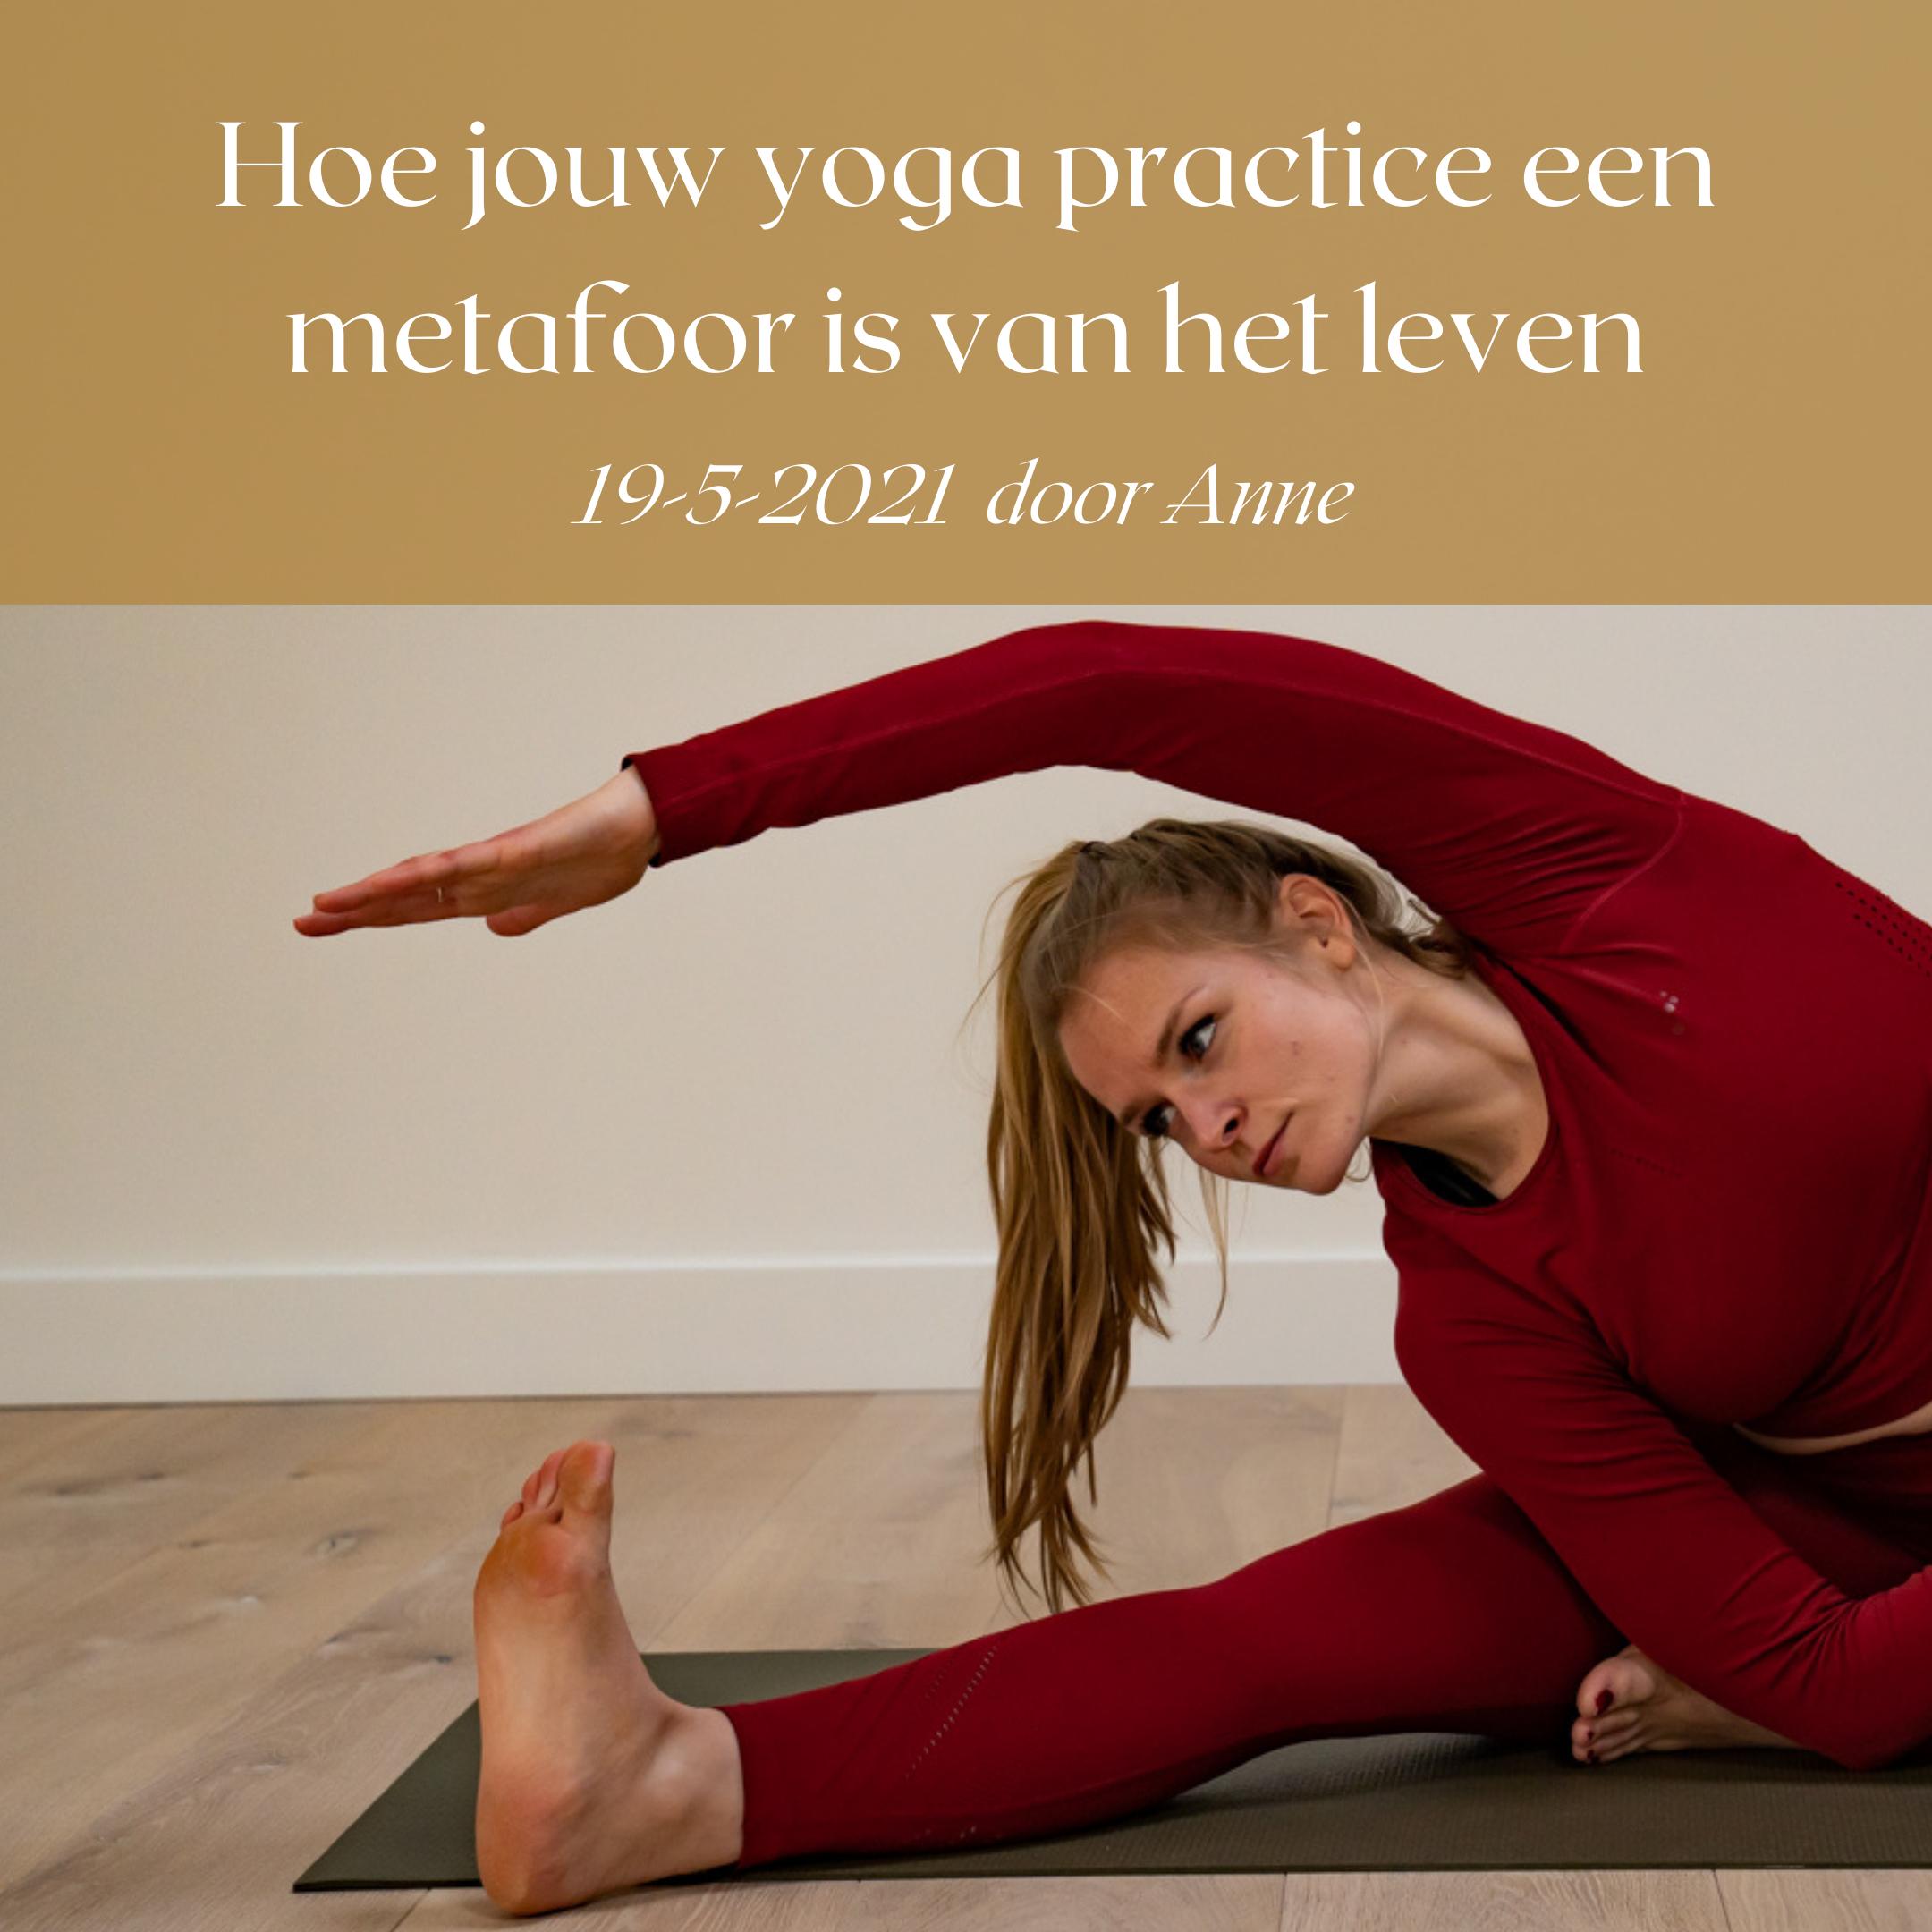 Hoe jouw yoga practice een metafoor is van het leven